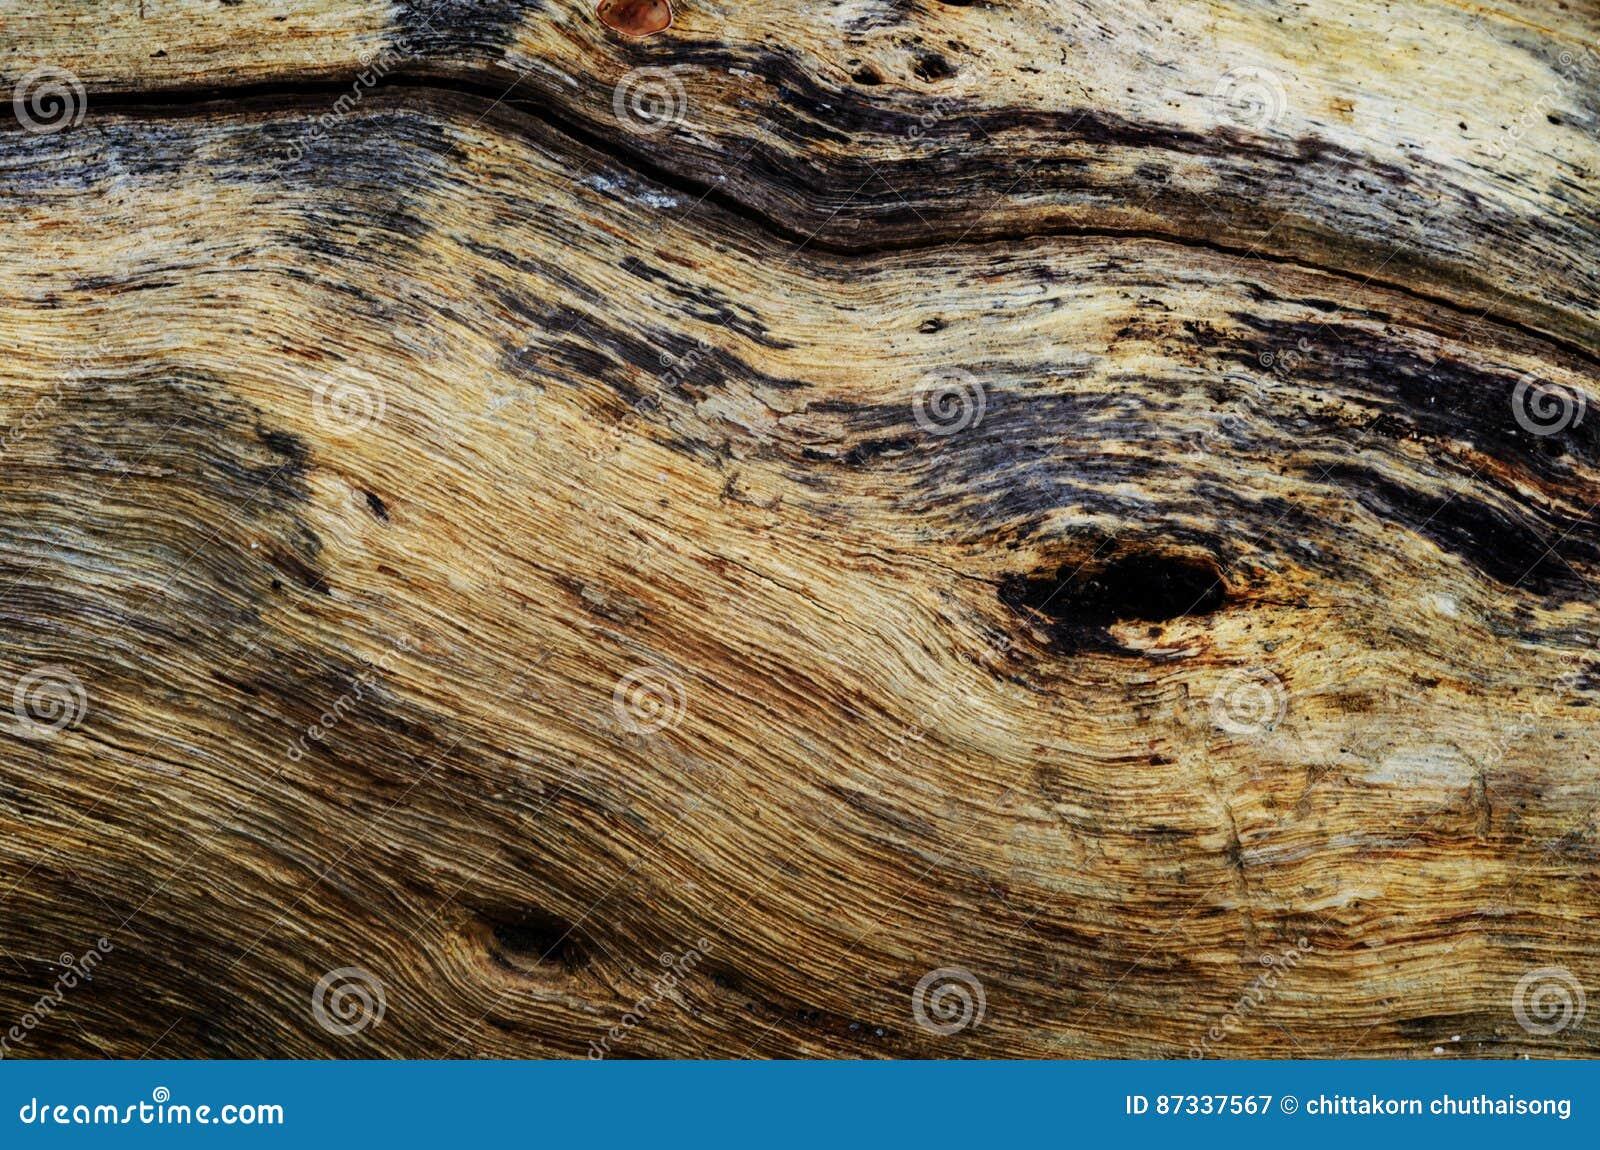 καφετί δάσος σύστασης σκιών ανασκόπησης καφετιά ξύλινη σύσταση με τη φυσική ομιλία